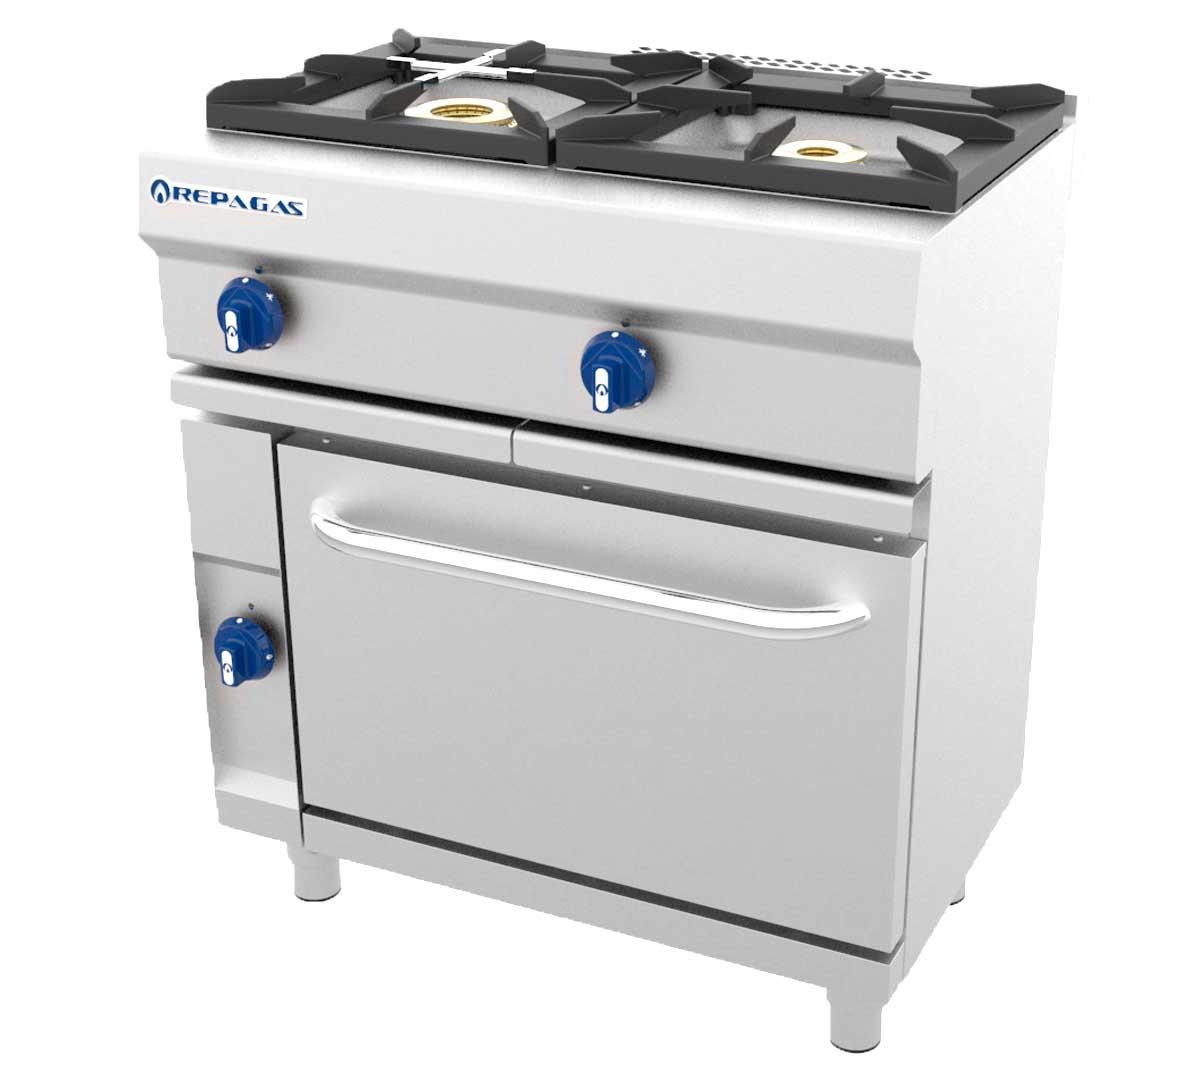 Cocina serie 550 modular horno de repagas for Horno con fogones